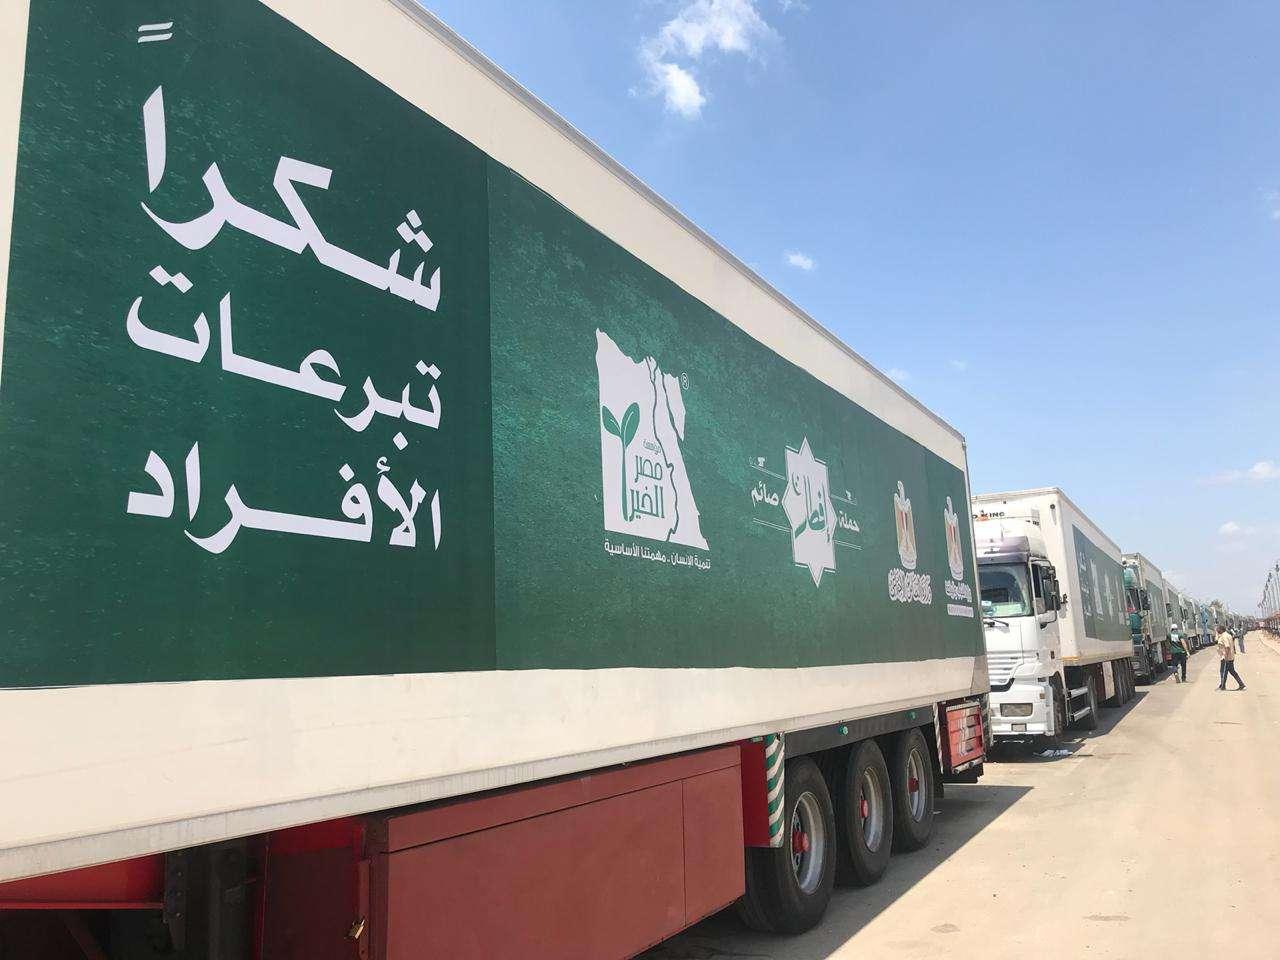 التضامن ومصر الخير يطلاقان قافلة غذائية لمحافظات الصعيد